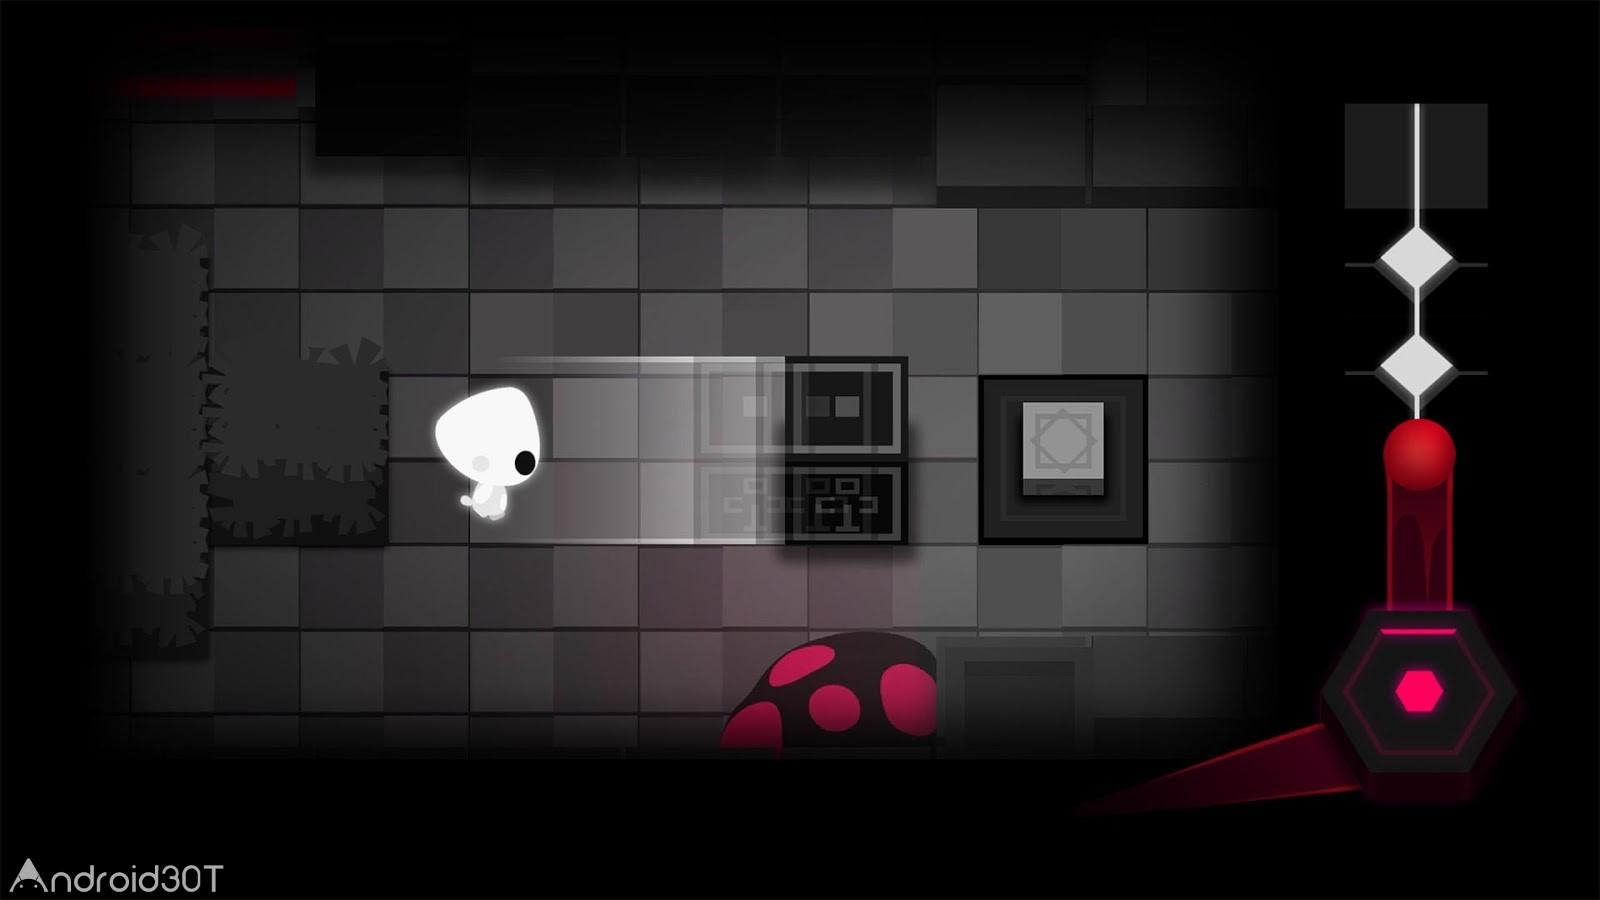 دانلود Alone Planet 1.0.4104 – بازی فکری تنها در سیاره اندروید